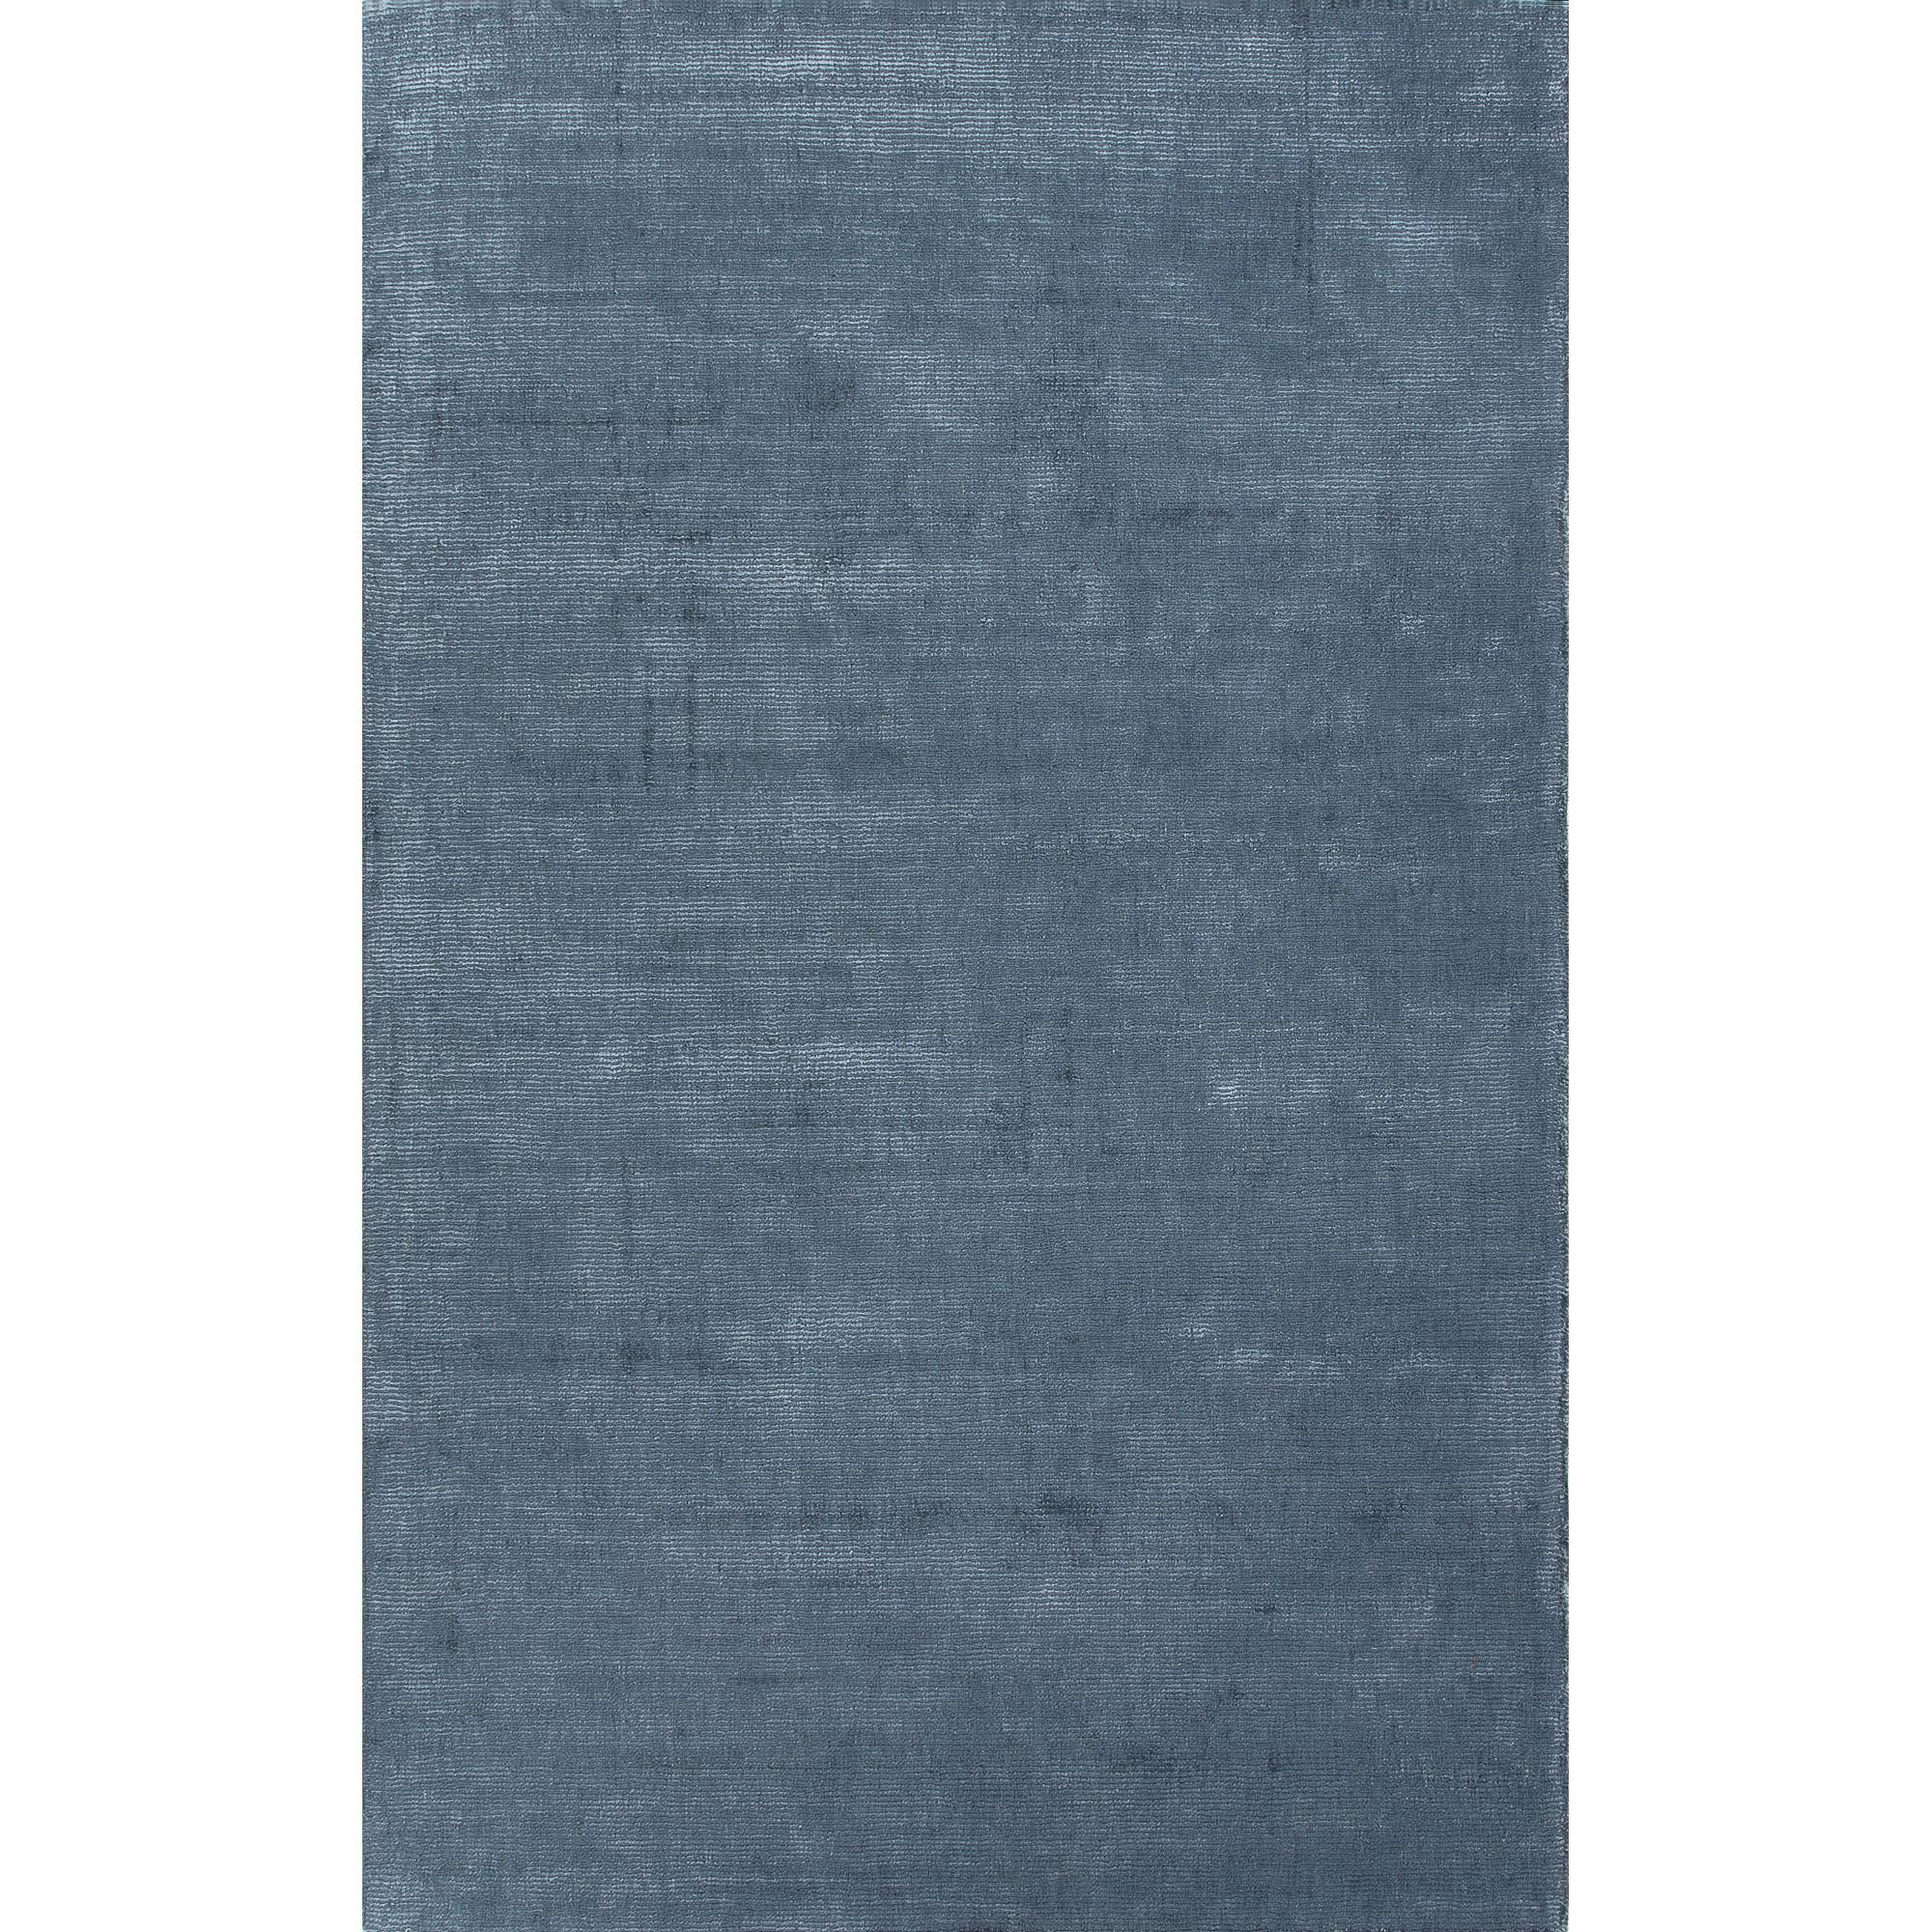 JAIPUR Rugs Konstrukt 3.6 x 5.6 Rug - Item Number: RUG111984